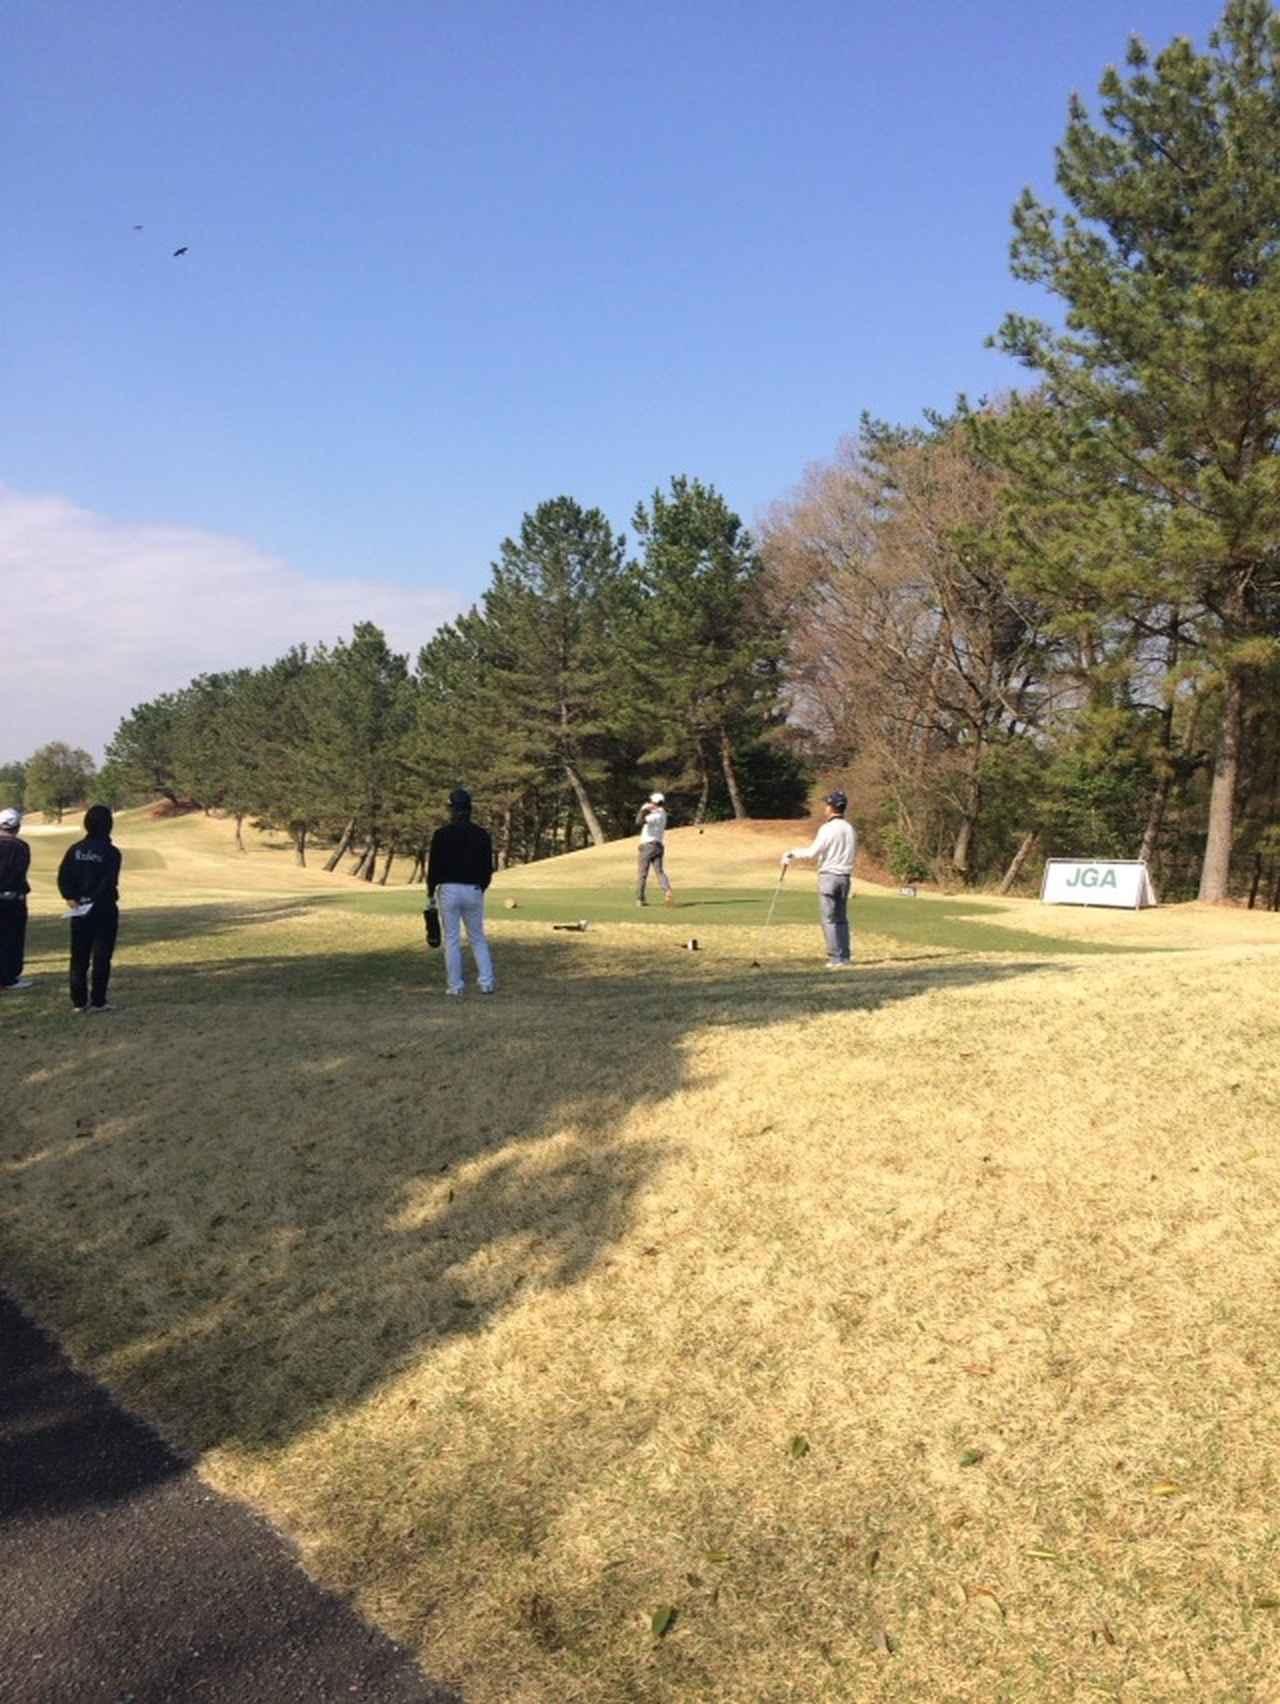 画像1: 《ABCゴルフ倶楽部で日本シニアオープンと日本女子オープンのドリームステージを開催しました》